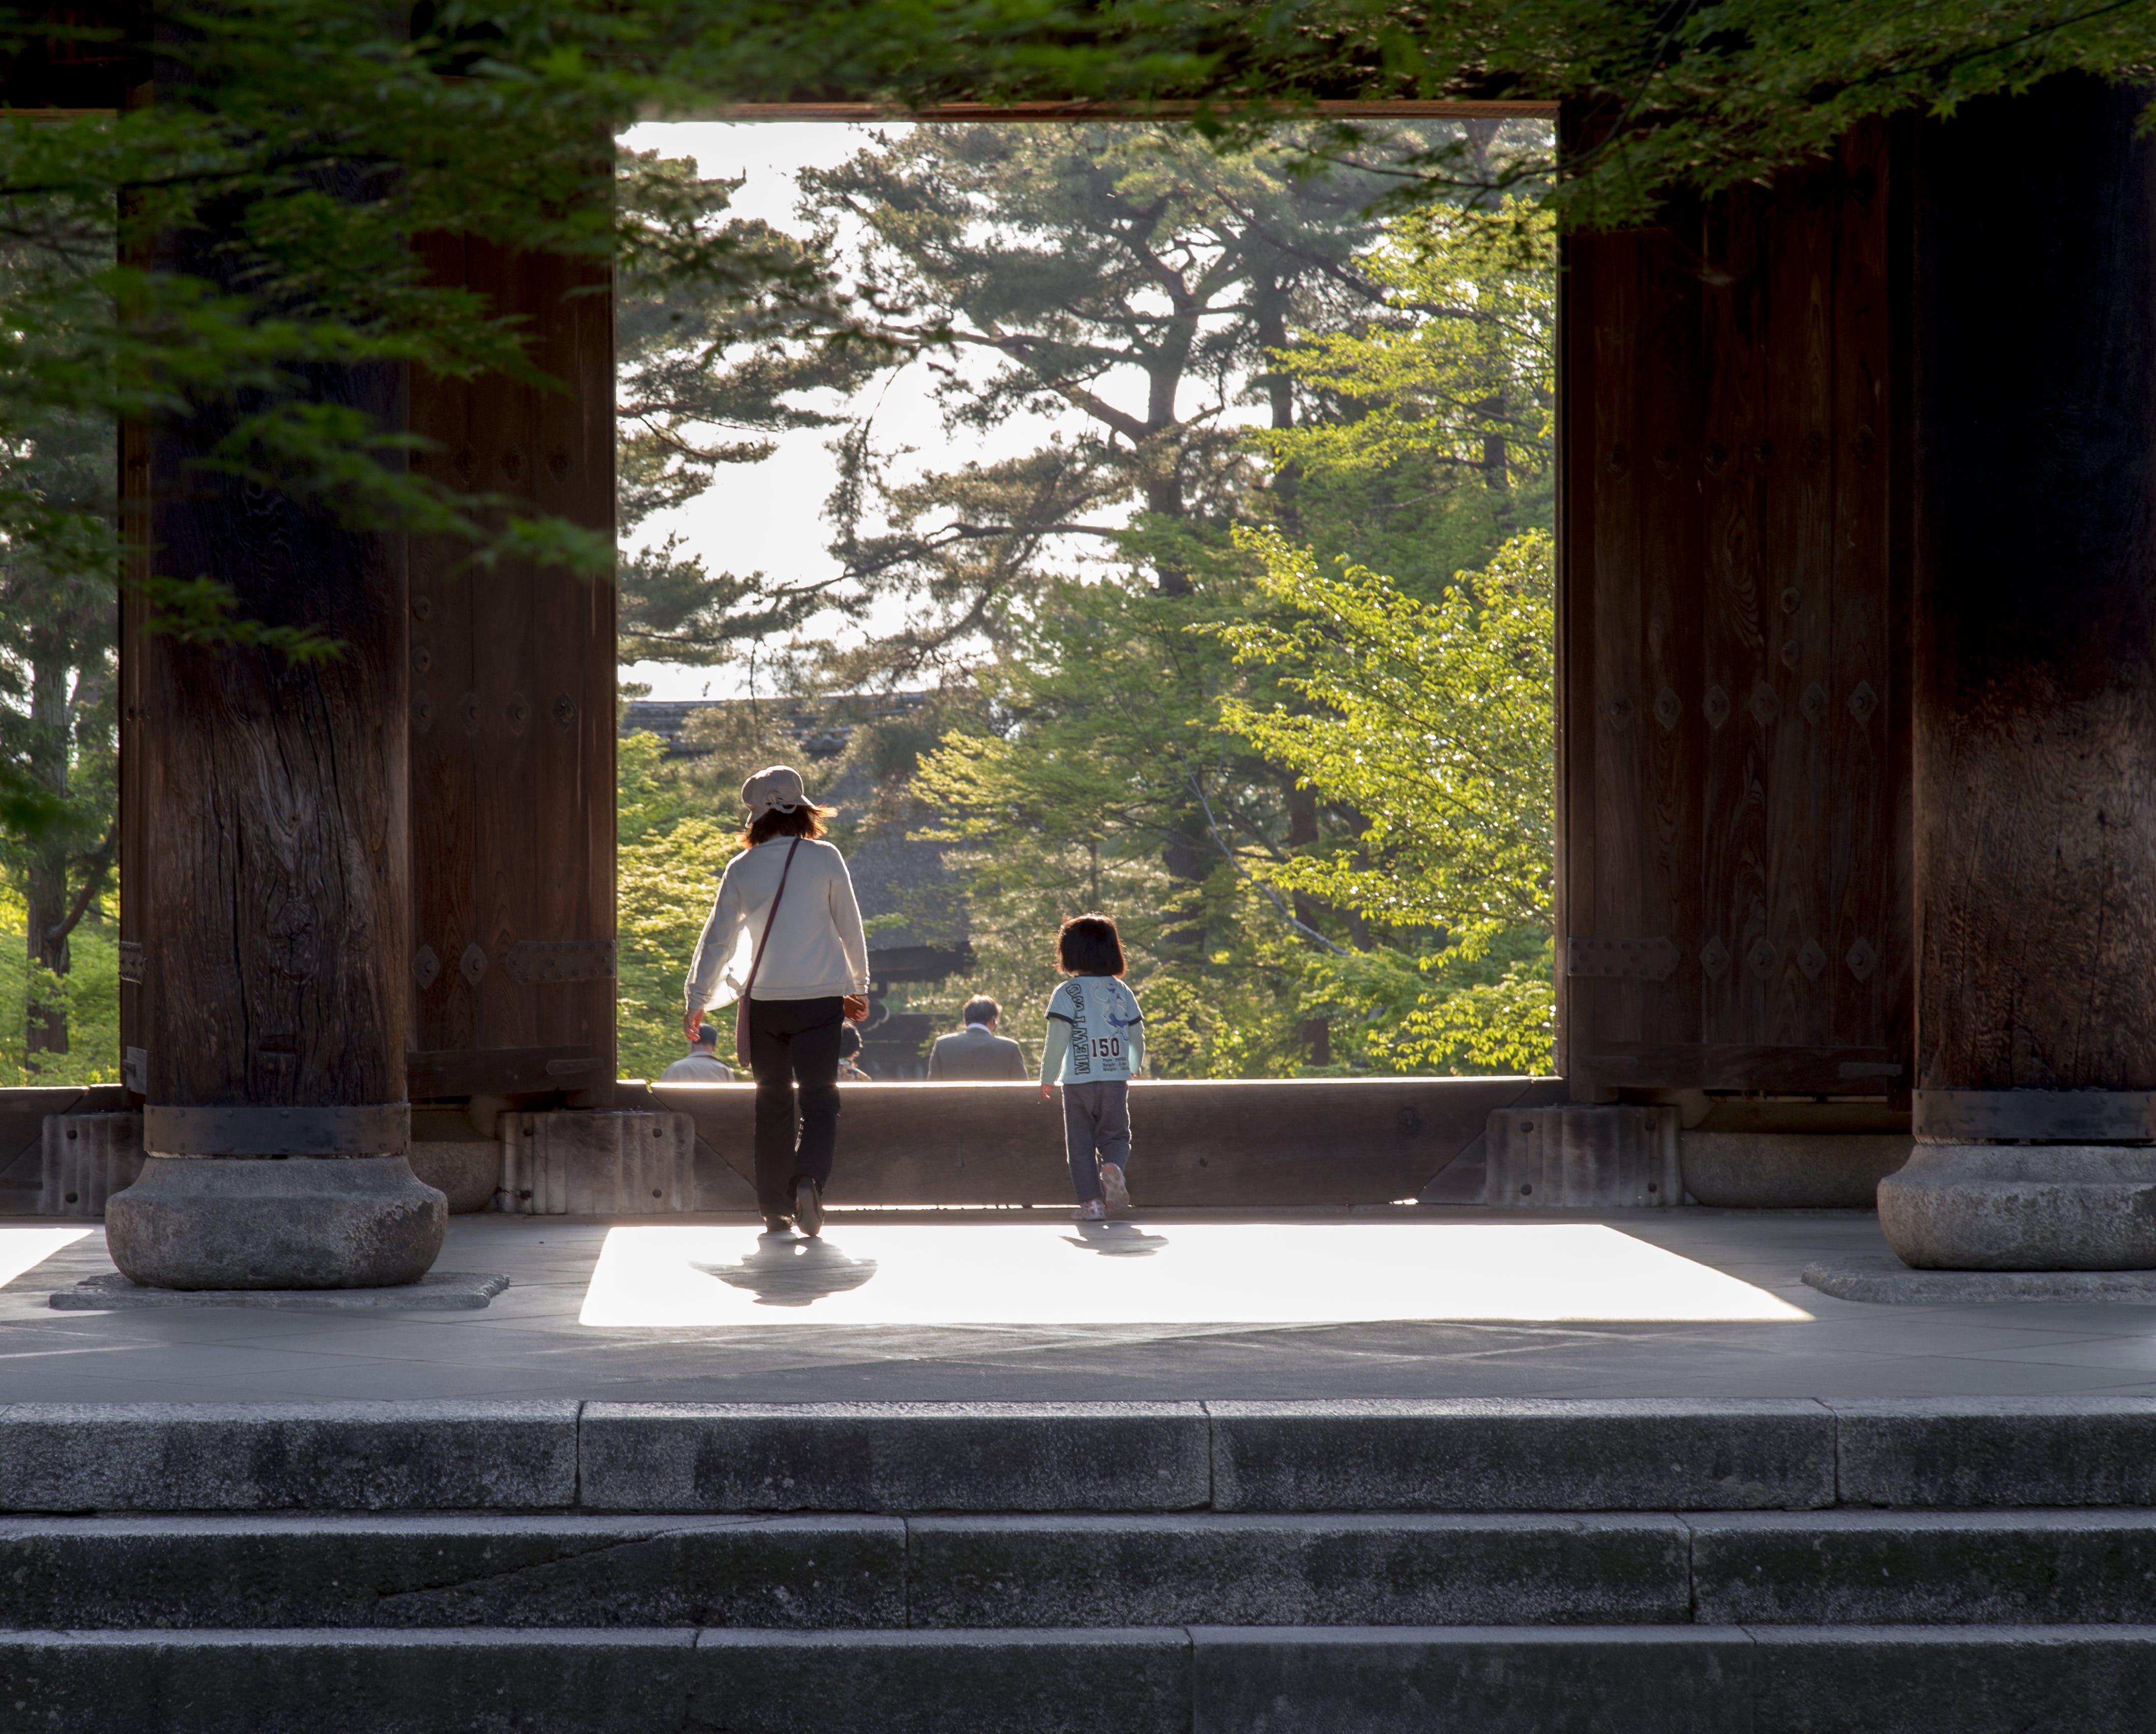 ağaçlar, aile, doğa, erkek çocuk içeren Ücretsiz stok fotoğraf